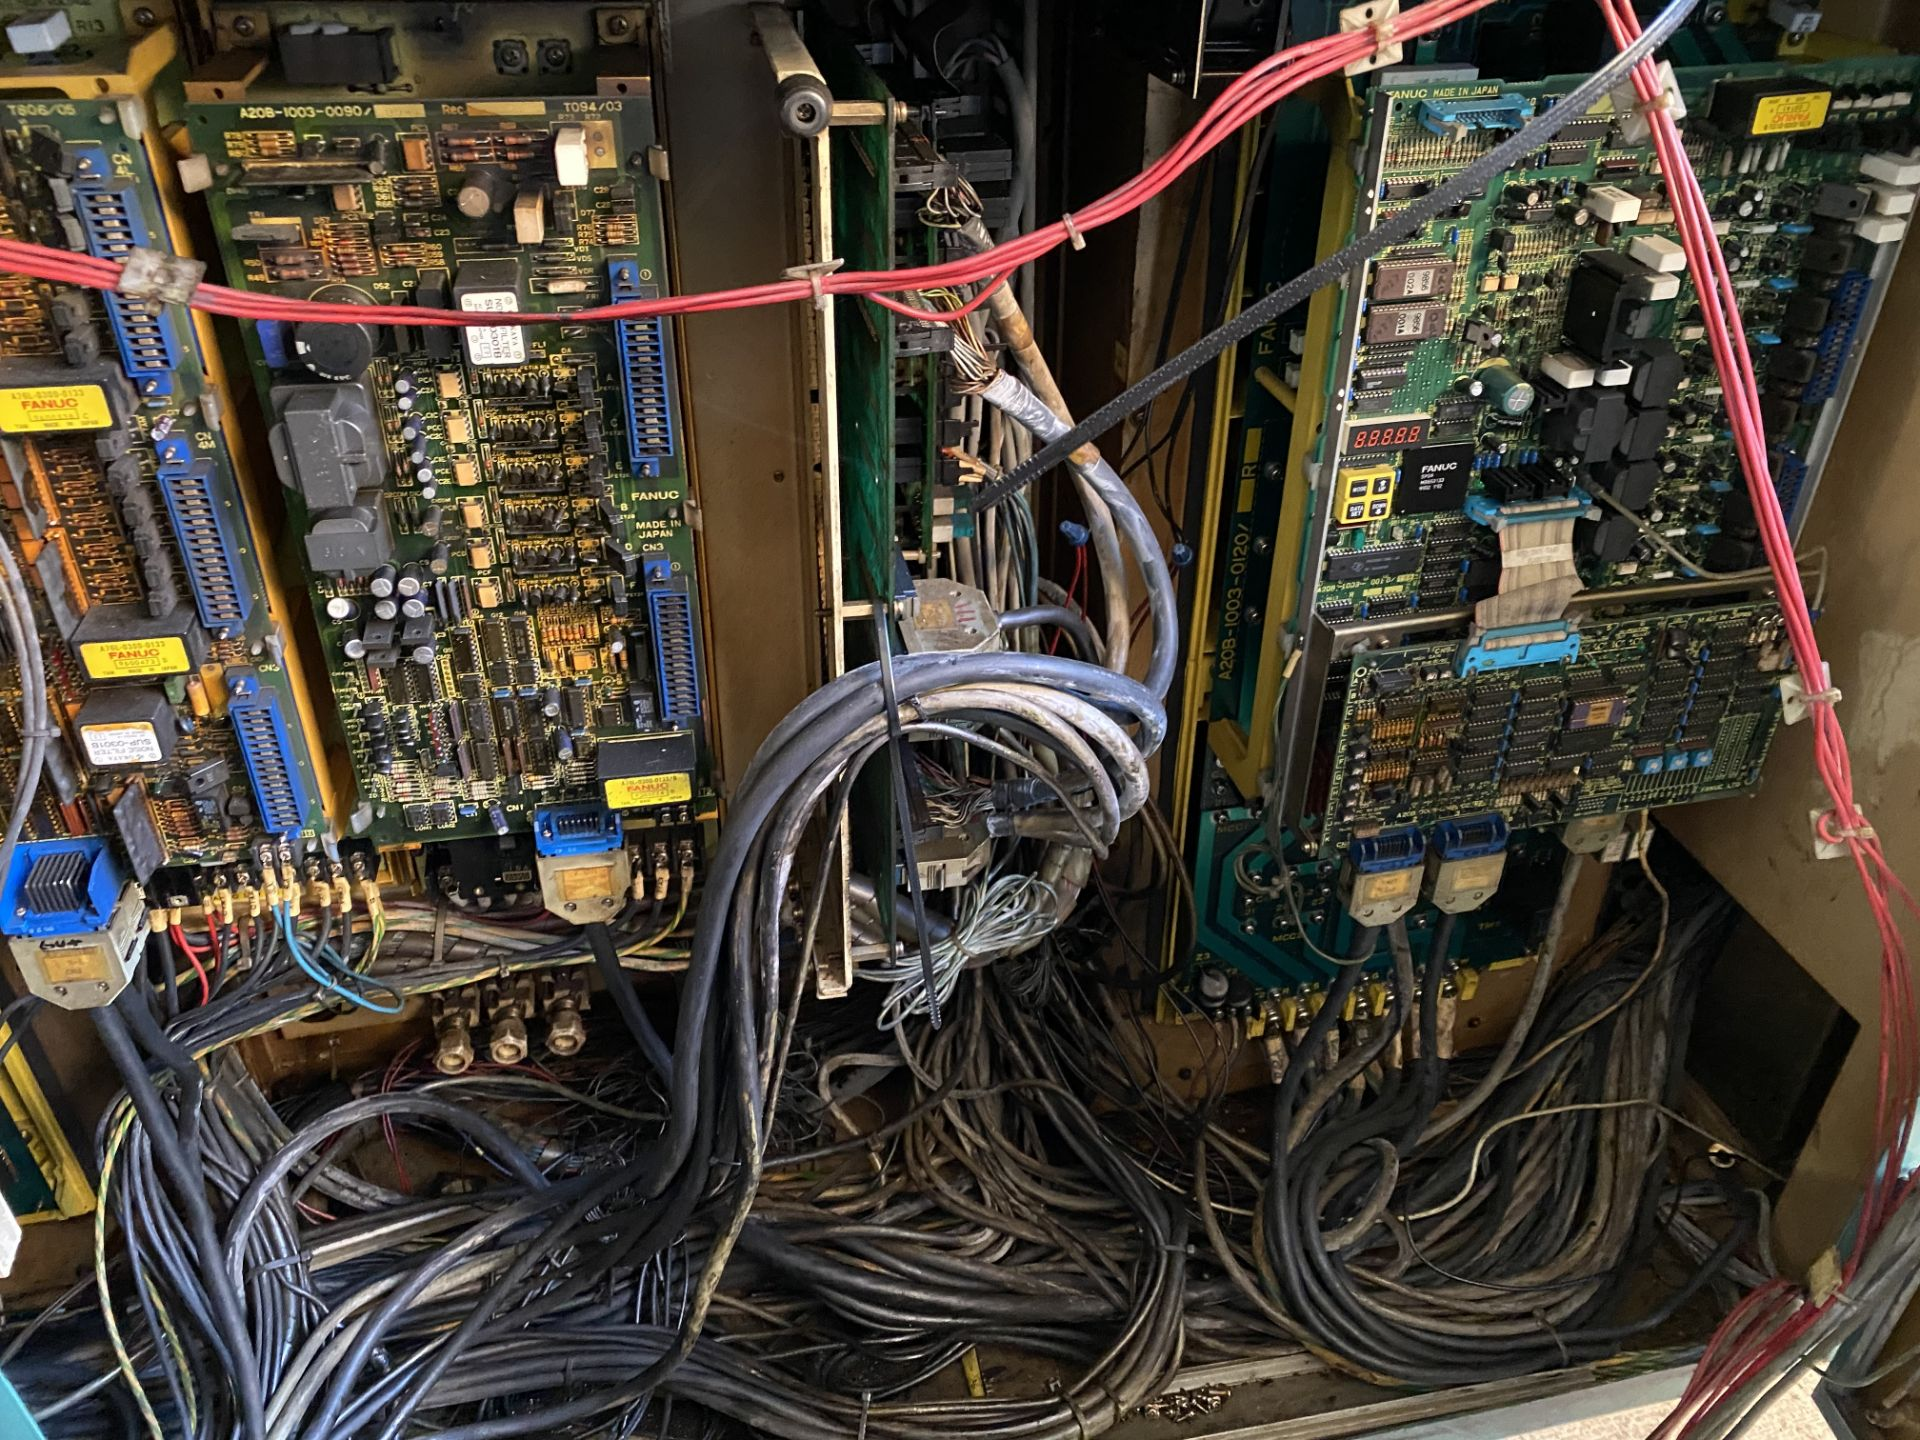 Nakamura-Tome #TW-30 CNC Lathe - Image 6 of 7